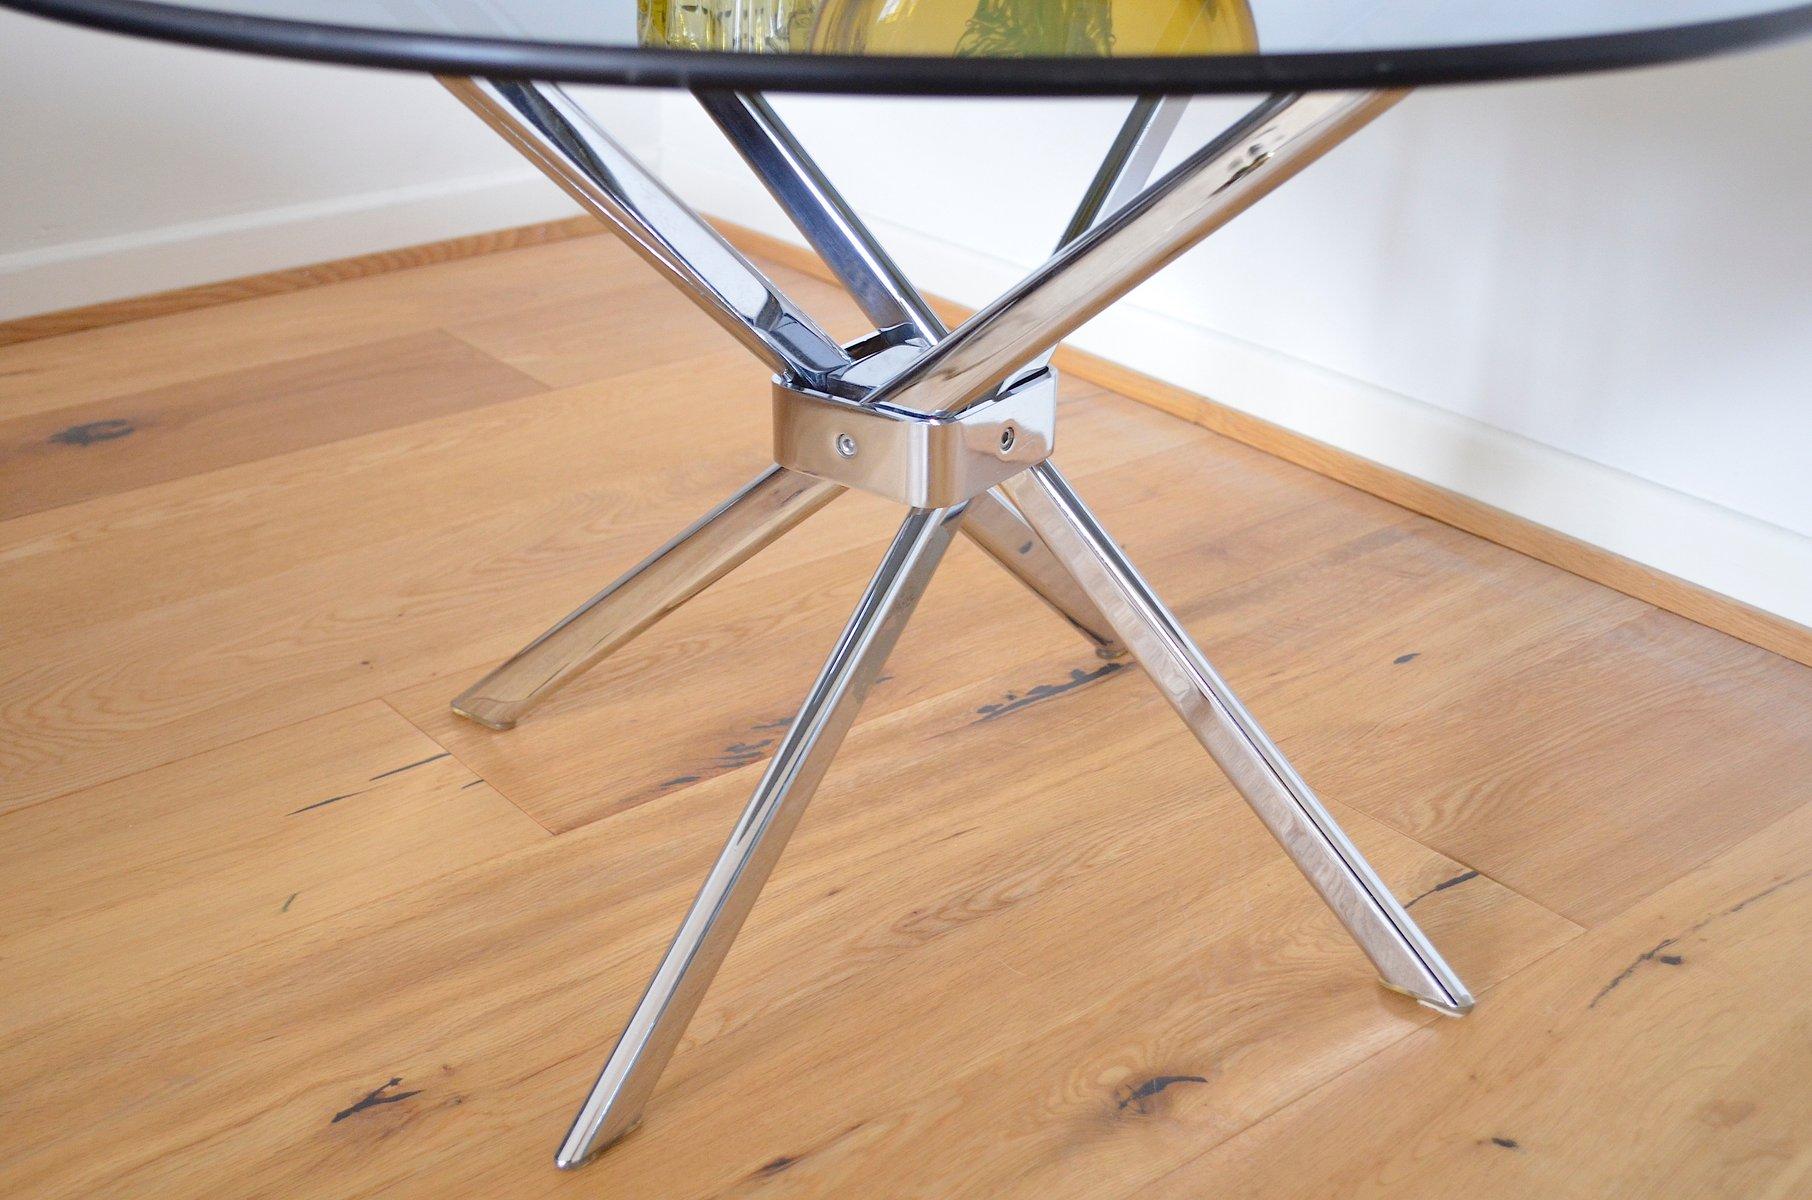 deutscher vintage beistelltisch aus verchromtem metall rauchglas bei pamono kaufen. Black Bedroom Furniture Sets. Home Design Ideas